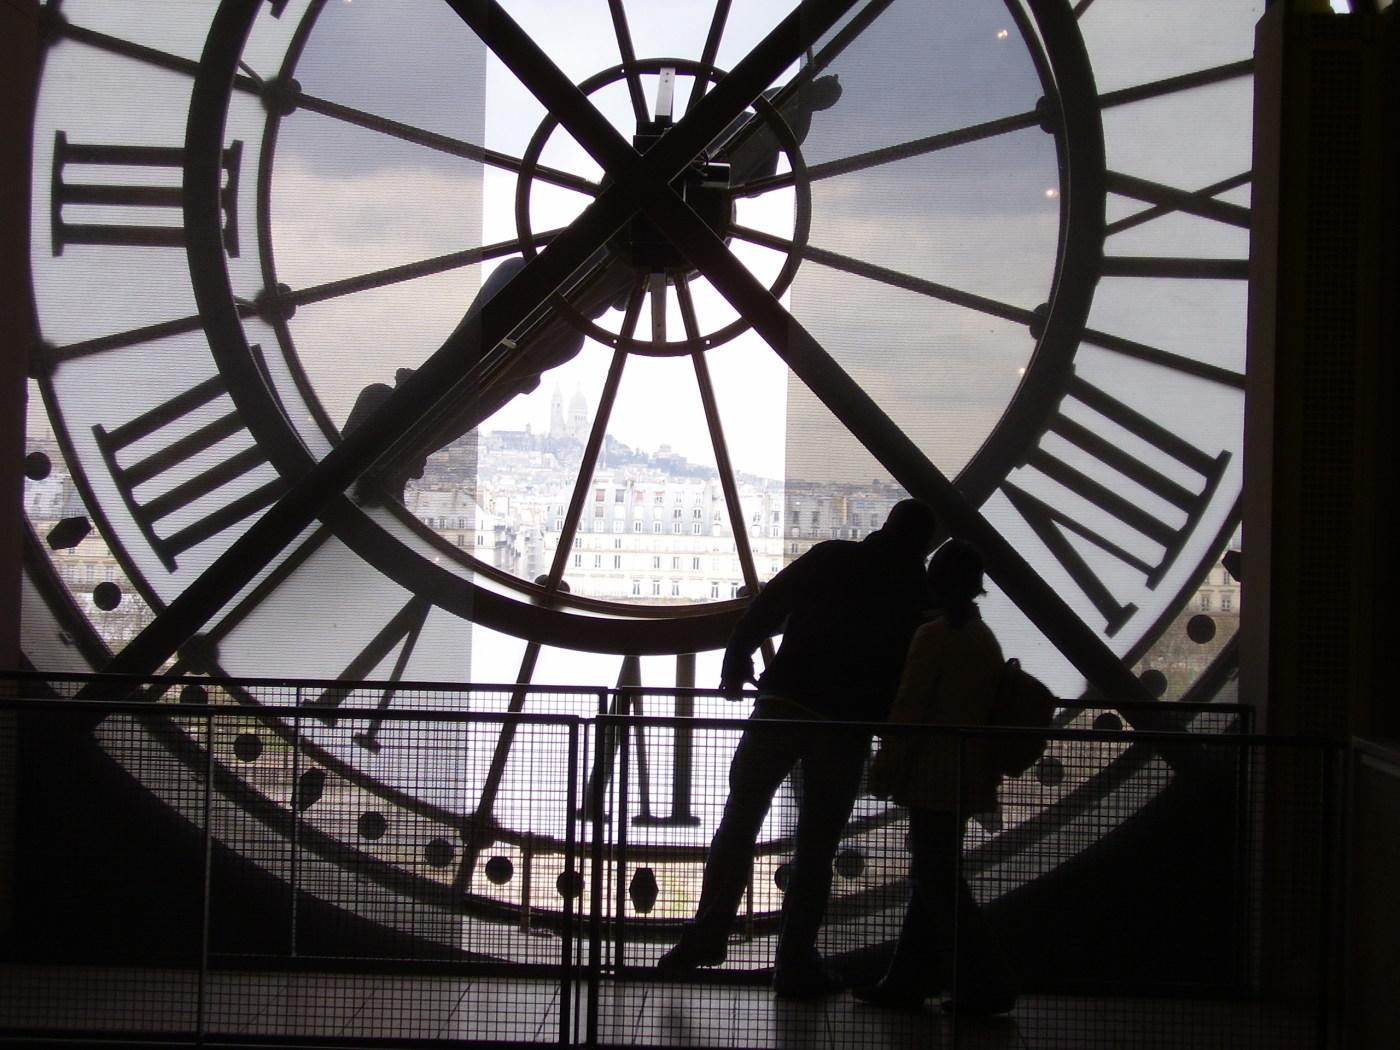 Clock at the Musee D'Orsay